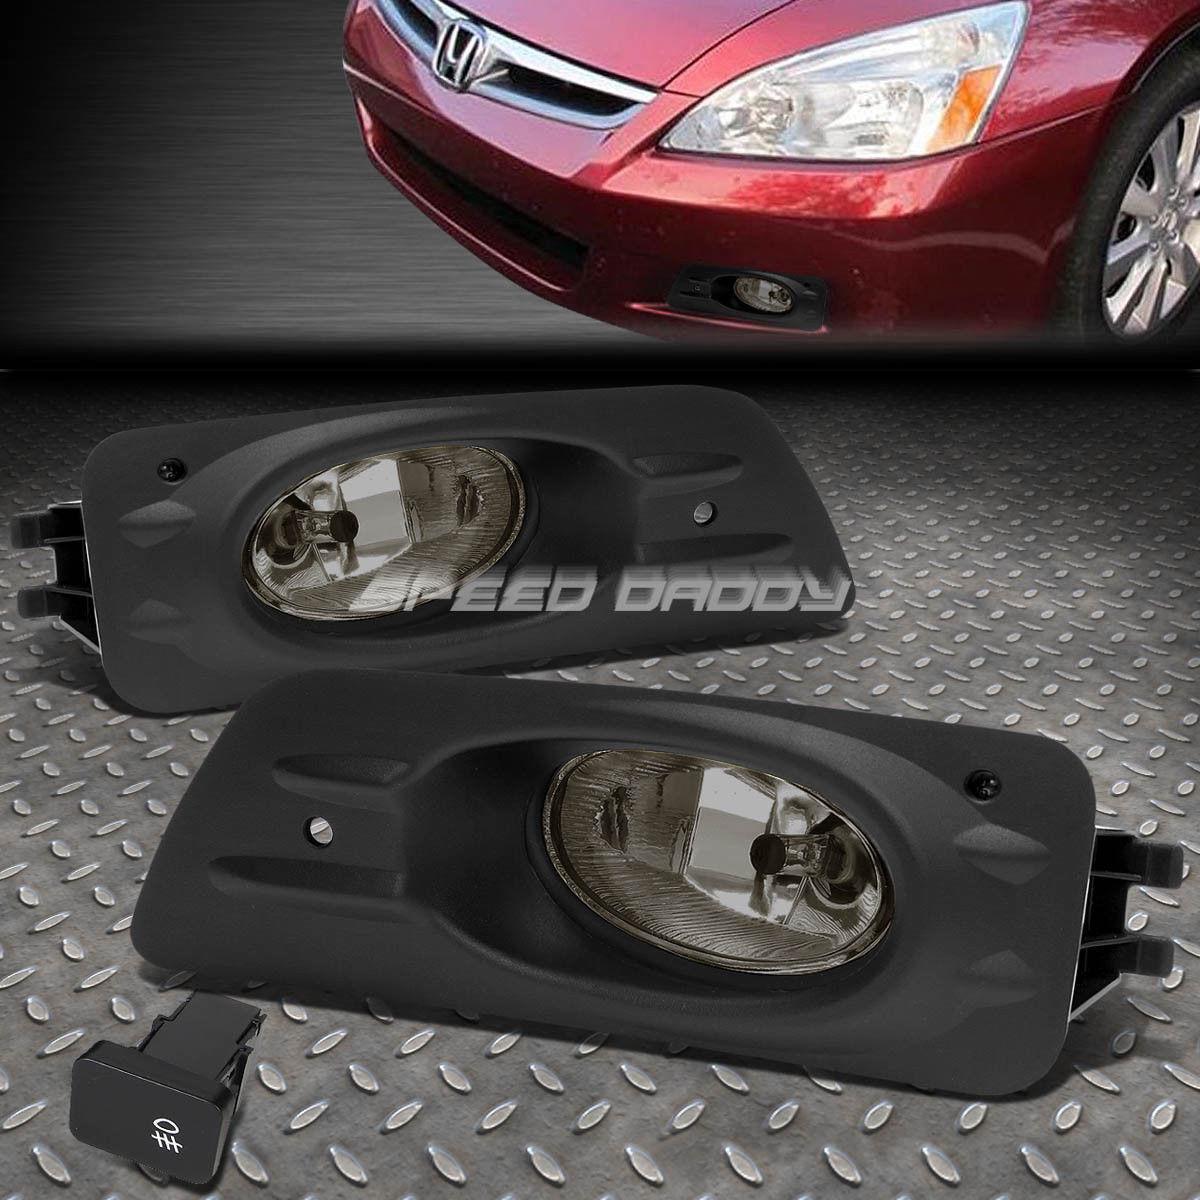 フォグライト FOR HONDA ACCORD 06-07 4DR OE BUMPER SMOKED FOG LIGHT LAMP KIT WITH SWITCH+WIRE ホンダ用アクセサリー06-07 4DR OE BUMPER SMOKED FOGライトランプキット(スイッチ+ワイヤー付)